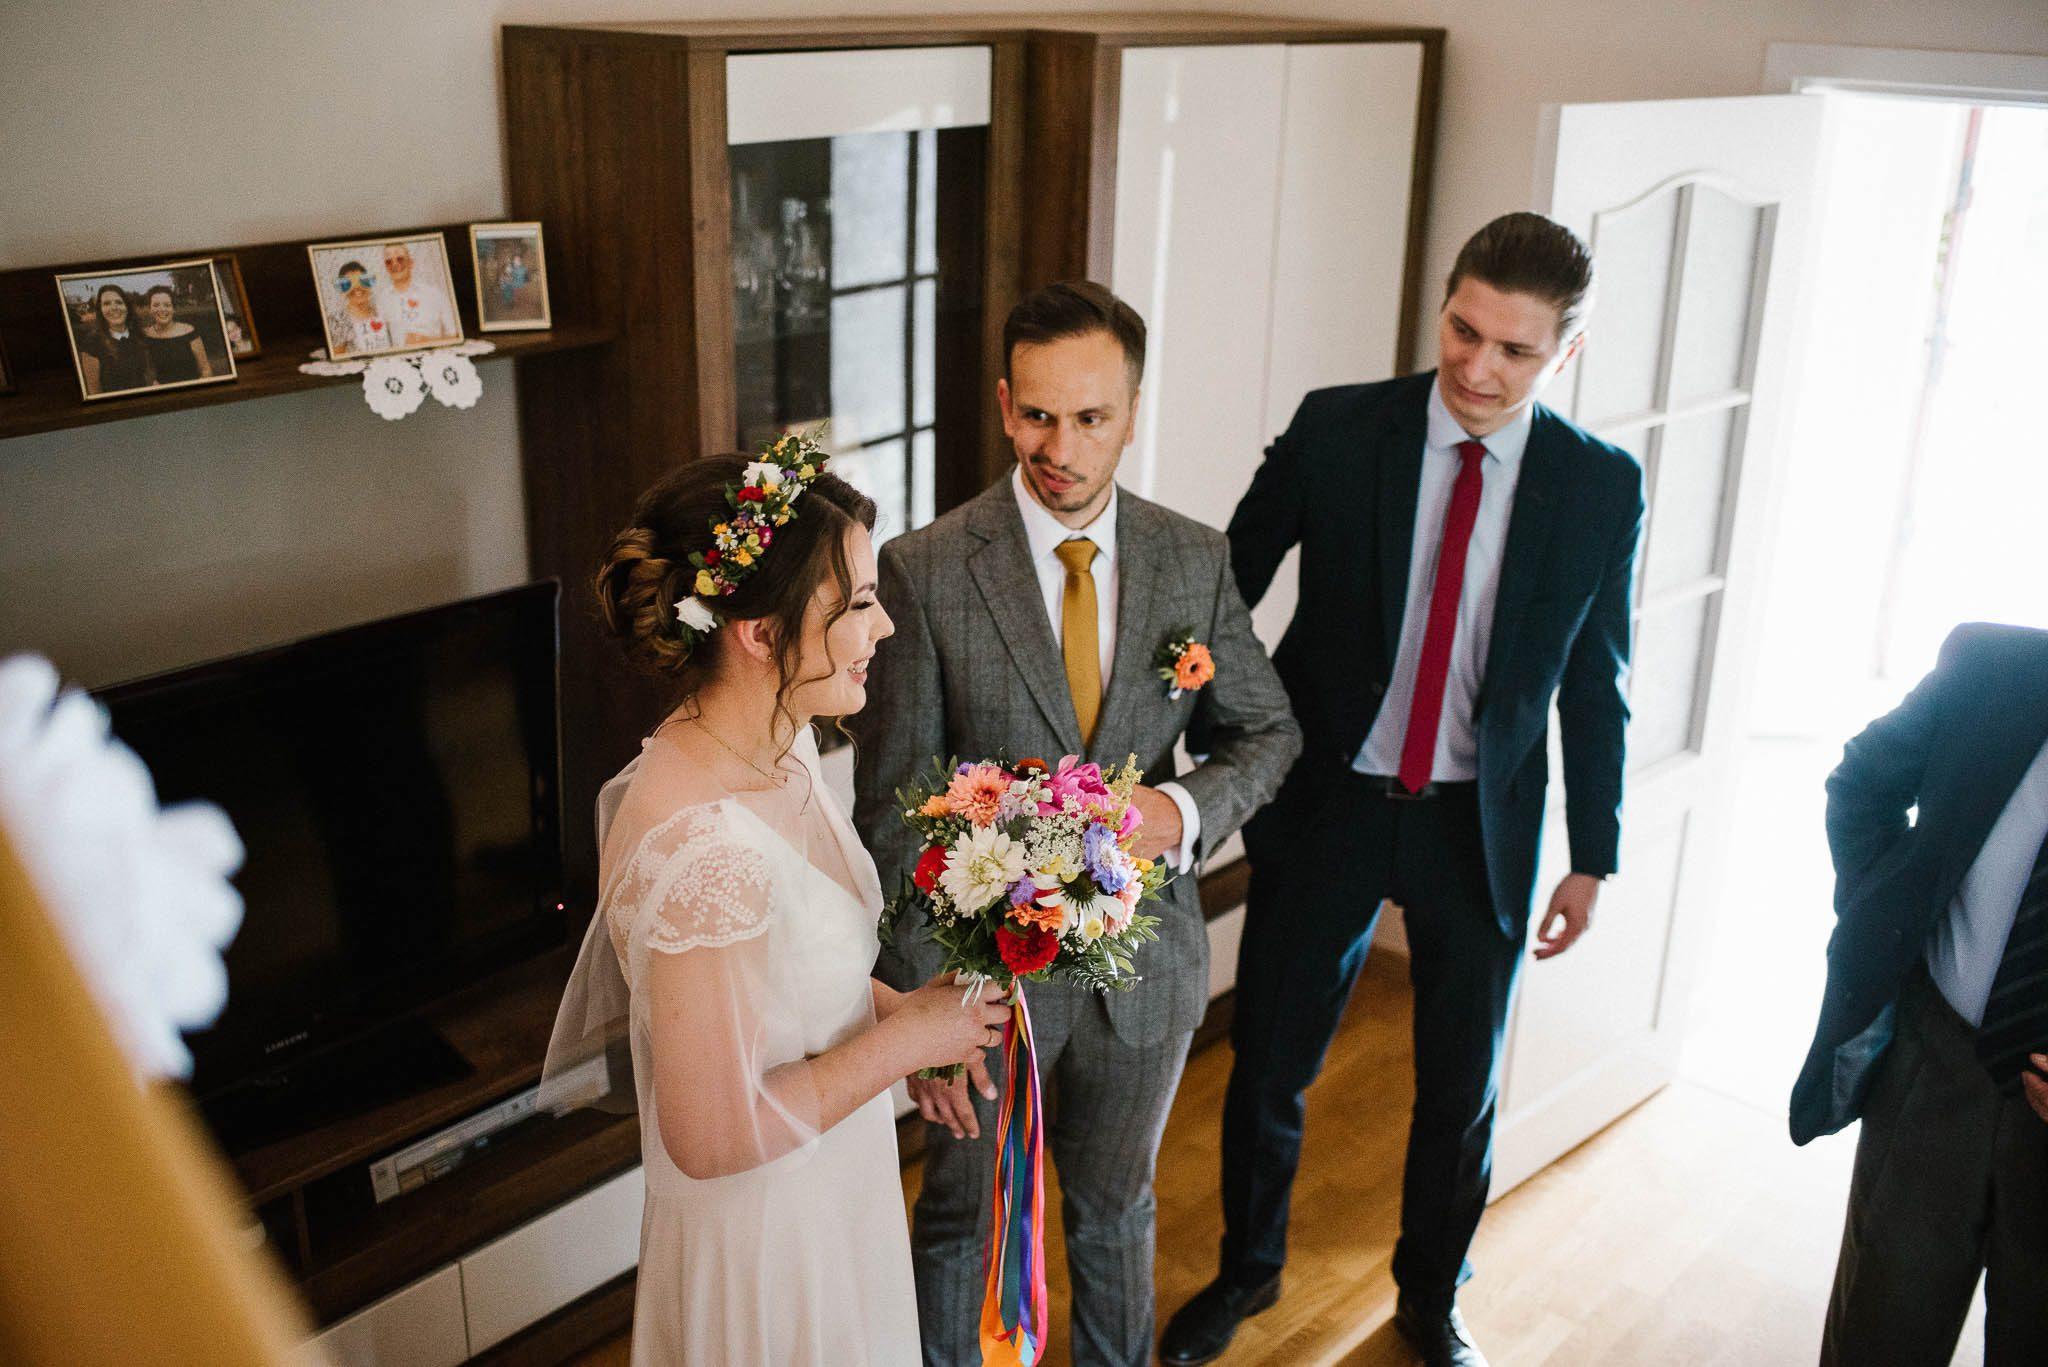 Panna młoda i pan młody - ślub w stodole Dyrkowo